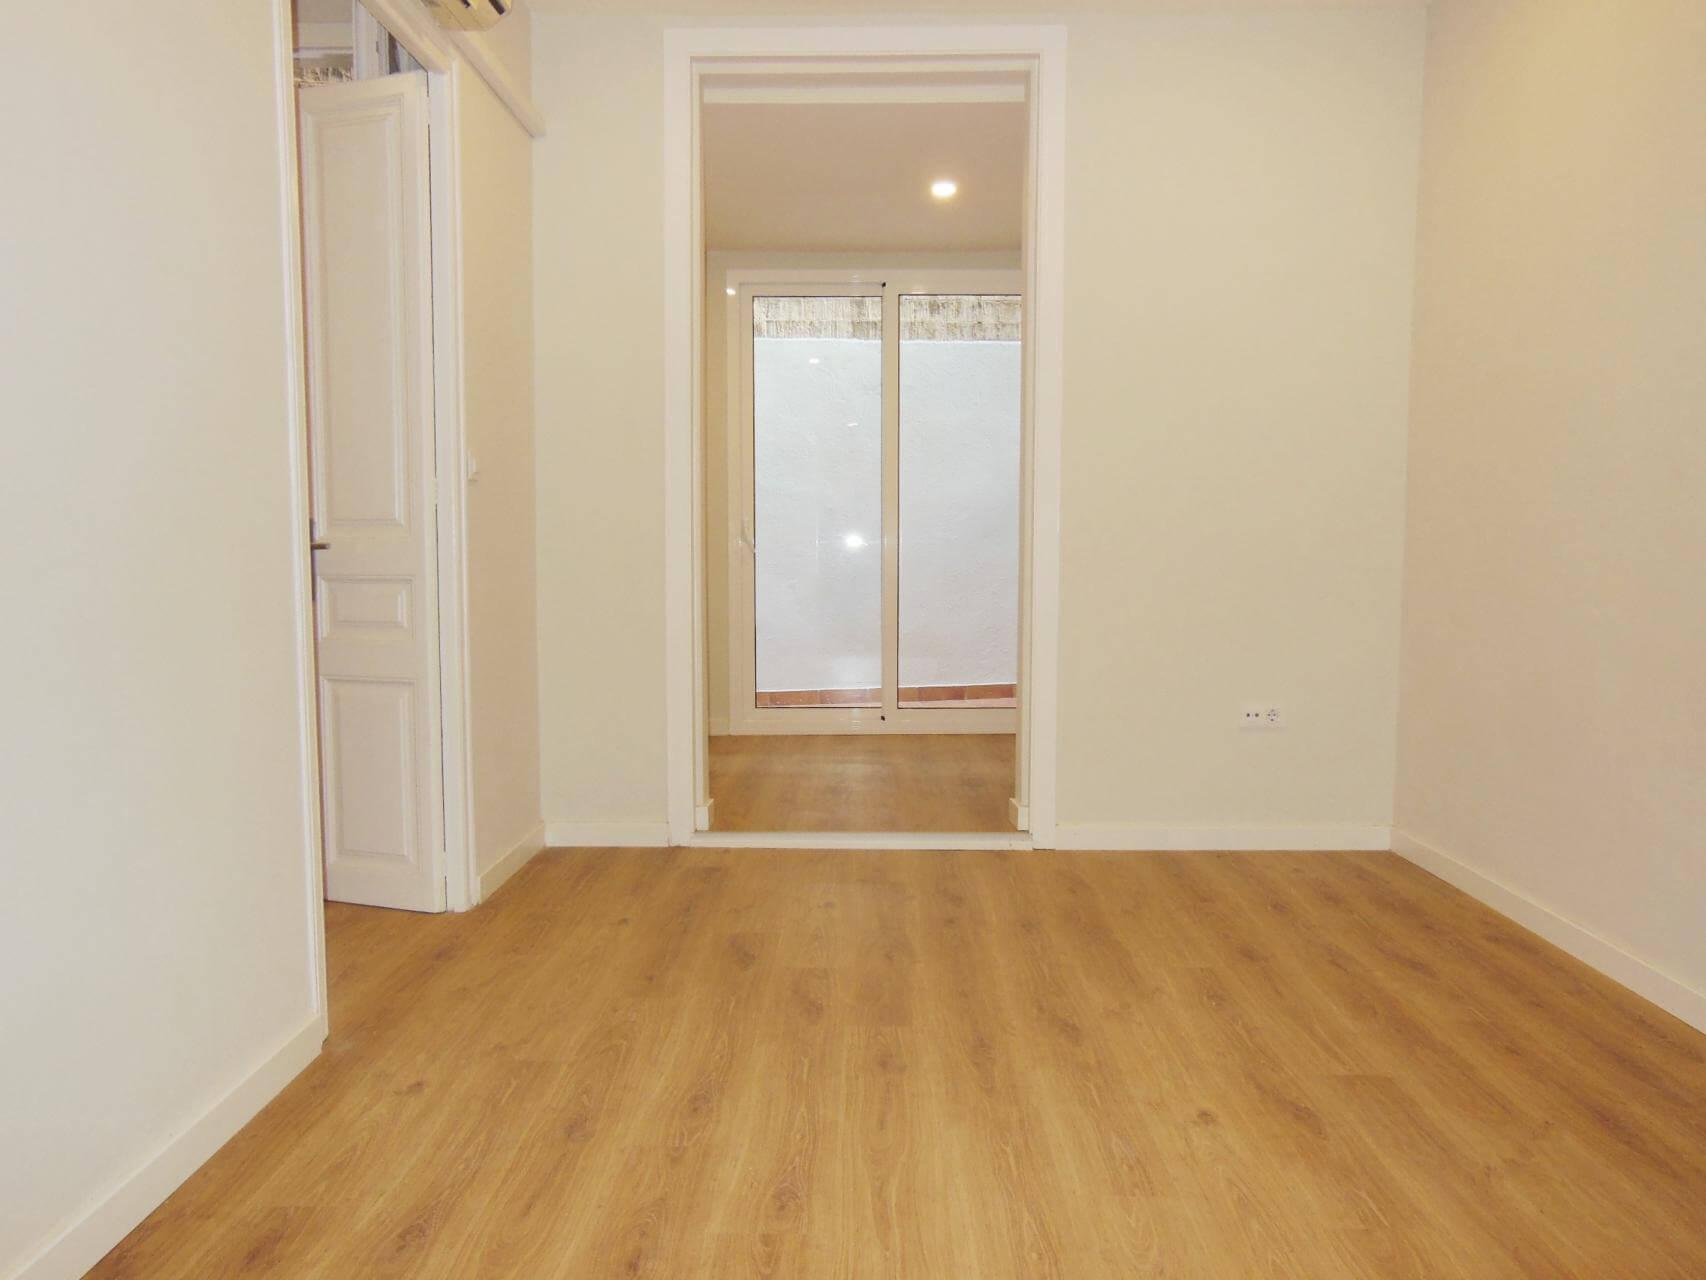 Shbarcelona piso con patio en alquiler en barcelona for Piso barcelona alquiler